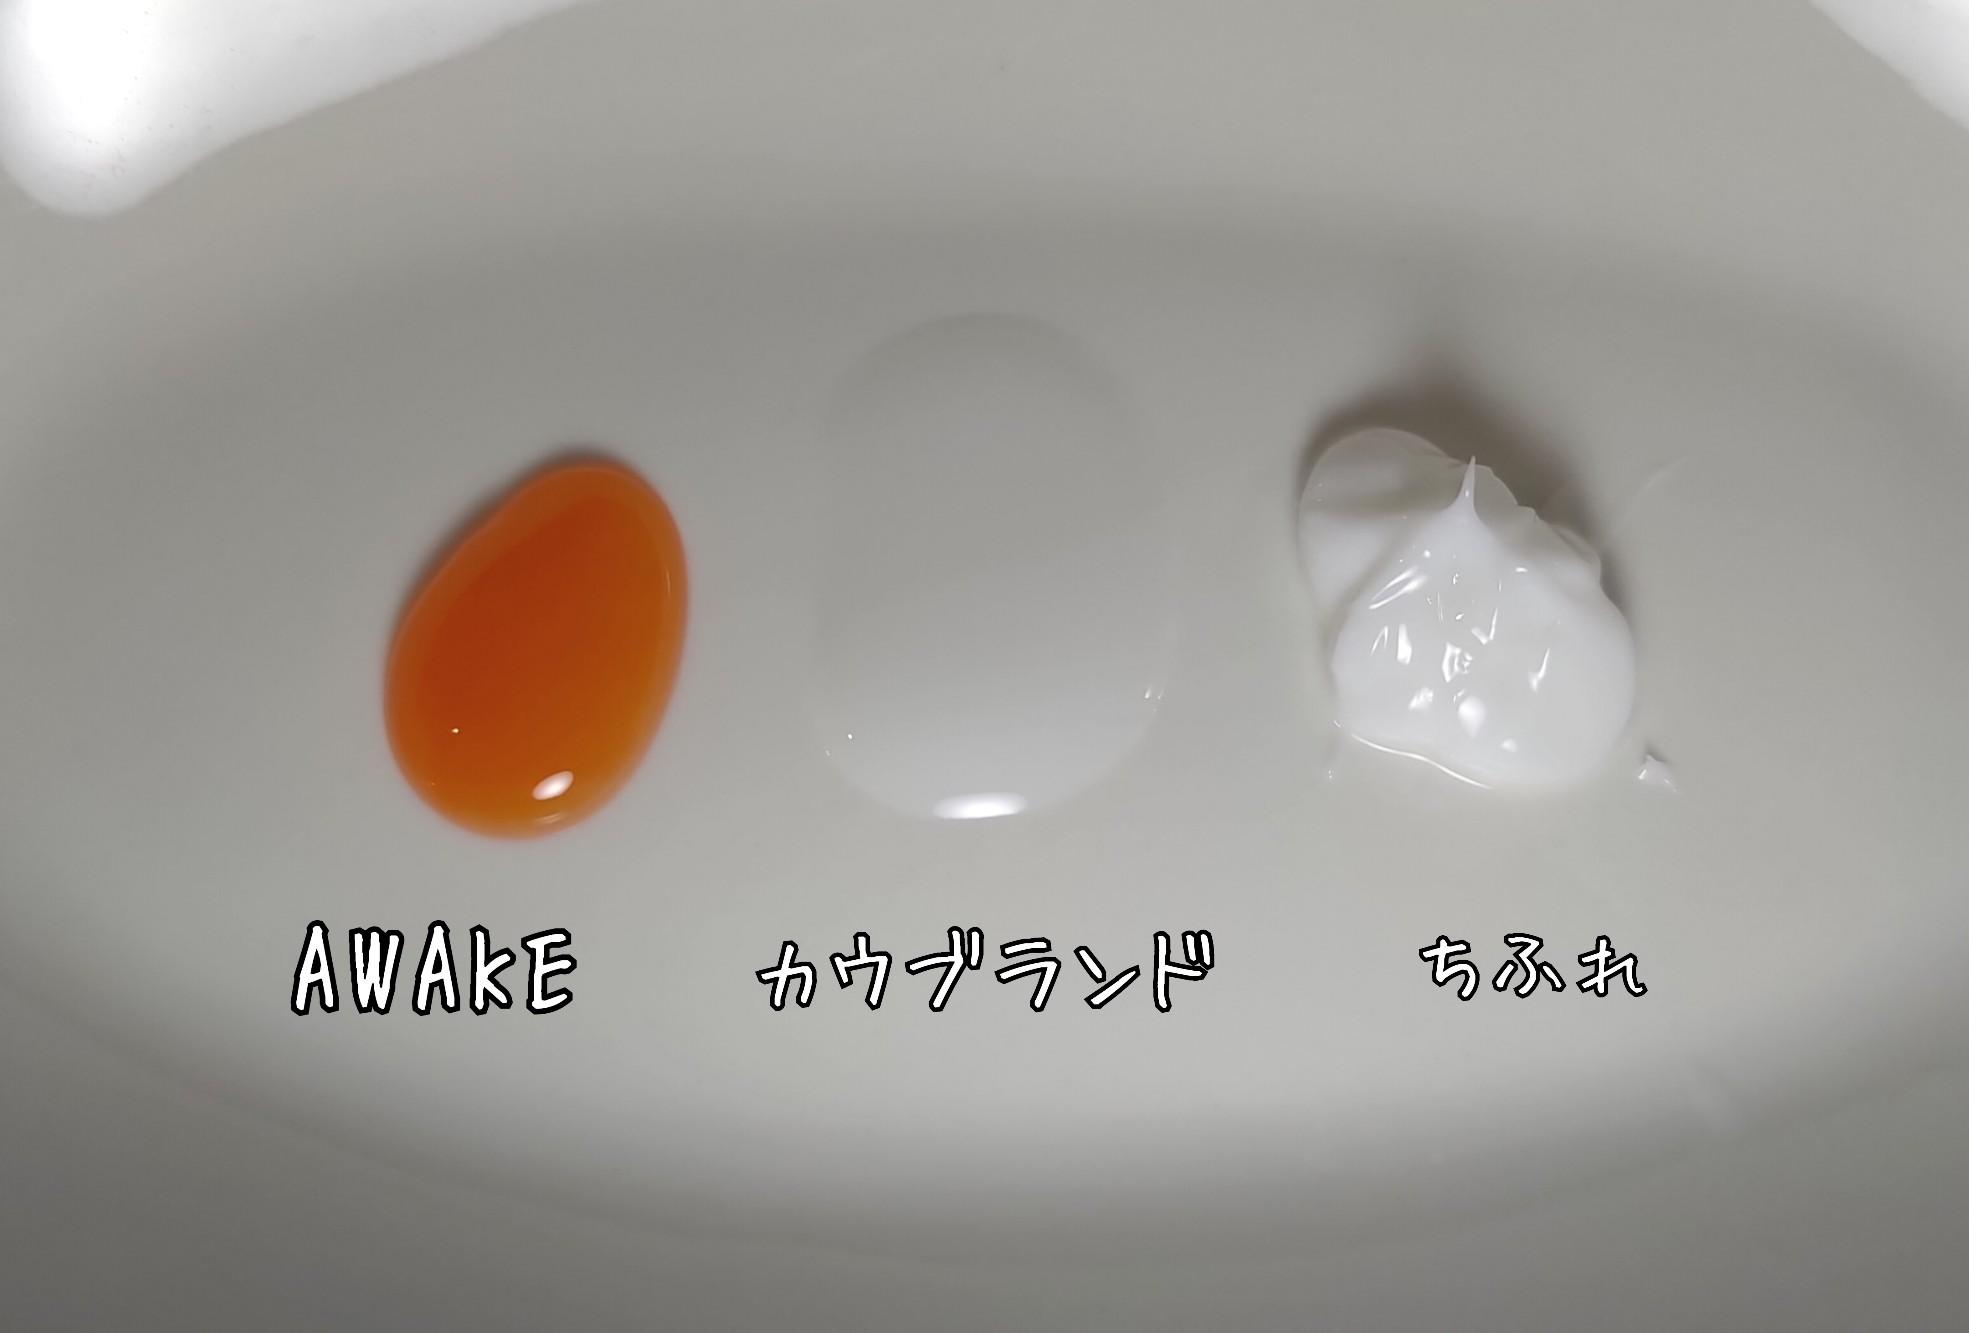 敏感肌におすすめのクレンジング3種 ちふれ ウォッシャブルコールドクリームN カウブランド 無添加メイク落としミルク アウェイク ハロークリーン ダブルクレンジングジェリー テクスチャー